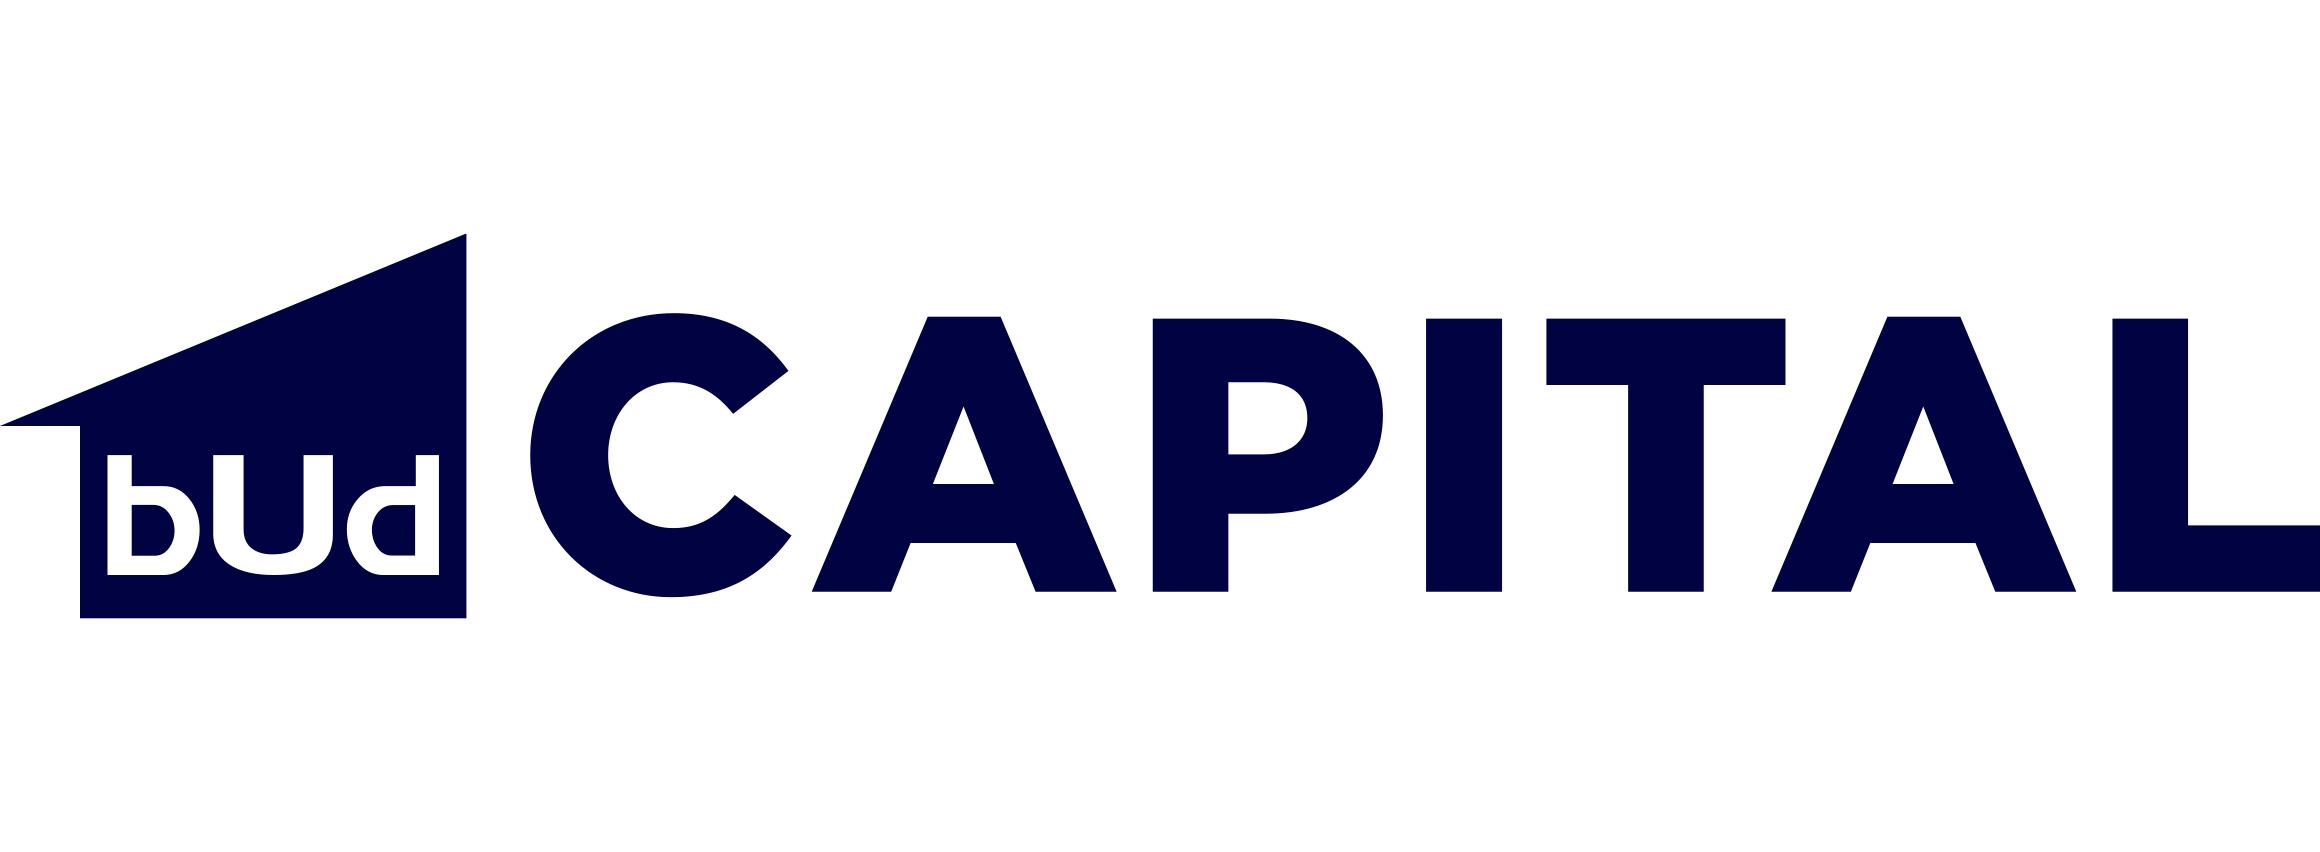 Компания BudCapital открывает обновленный офис продаж